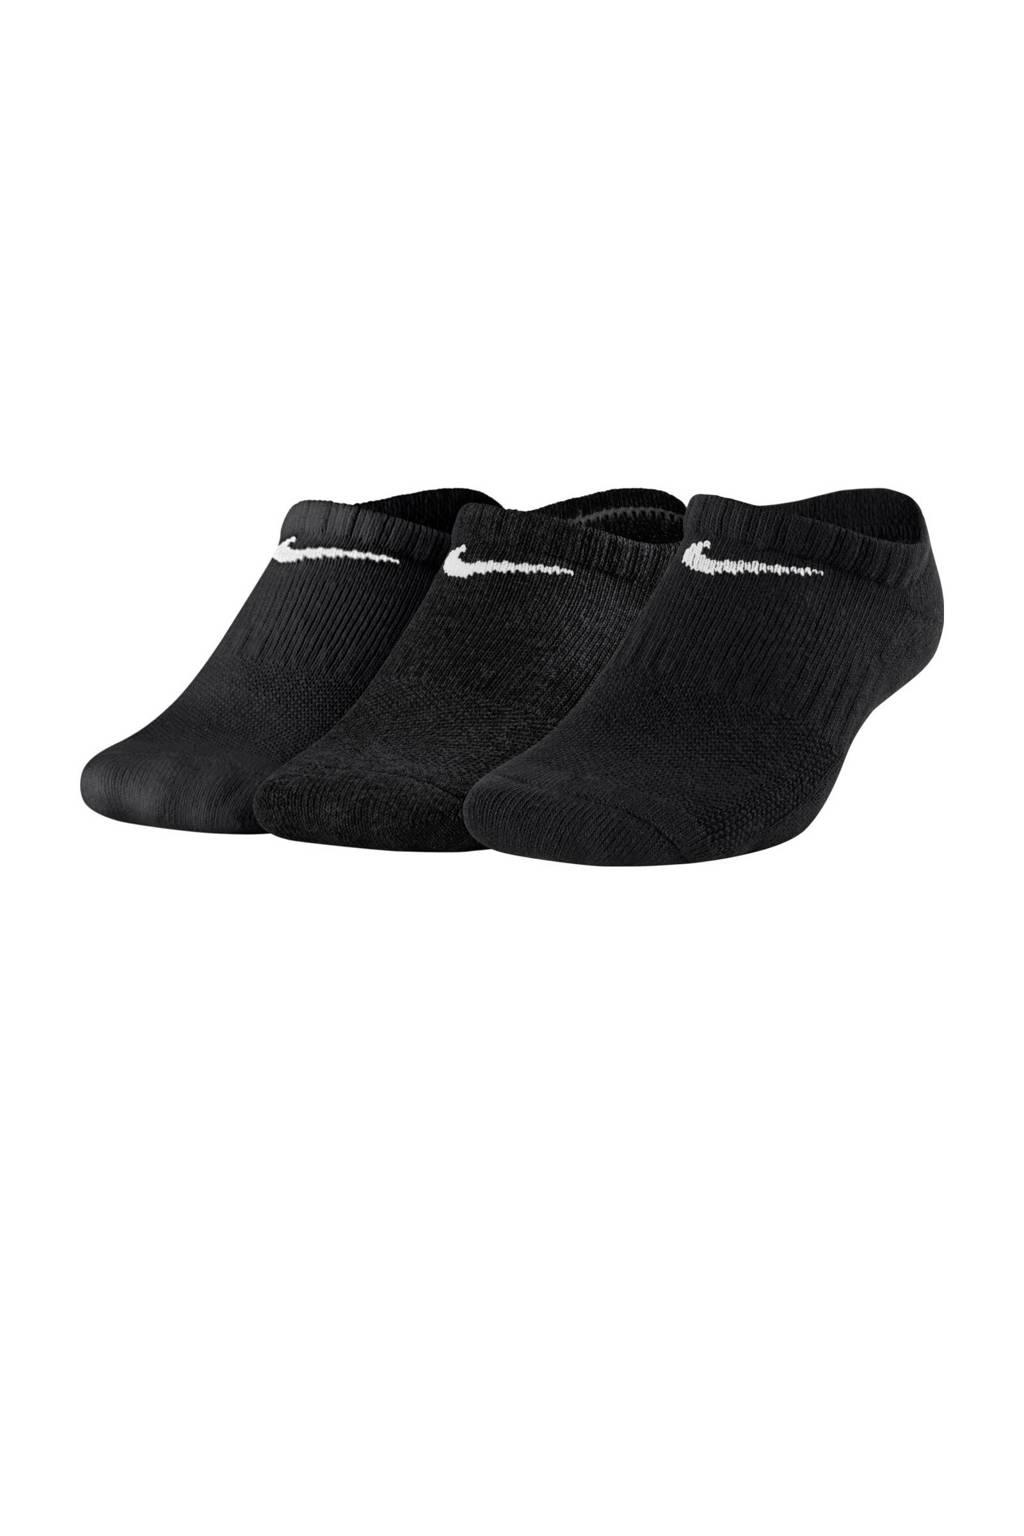 Nike sokken - set van 3 zwart, Zwart